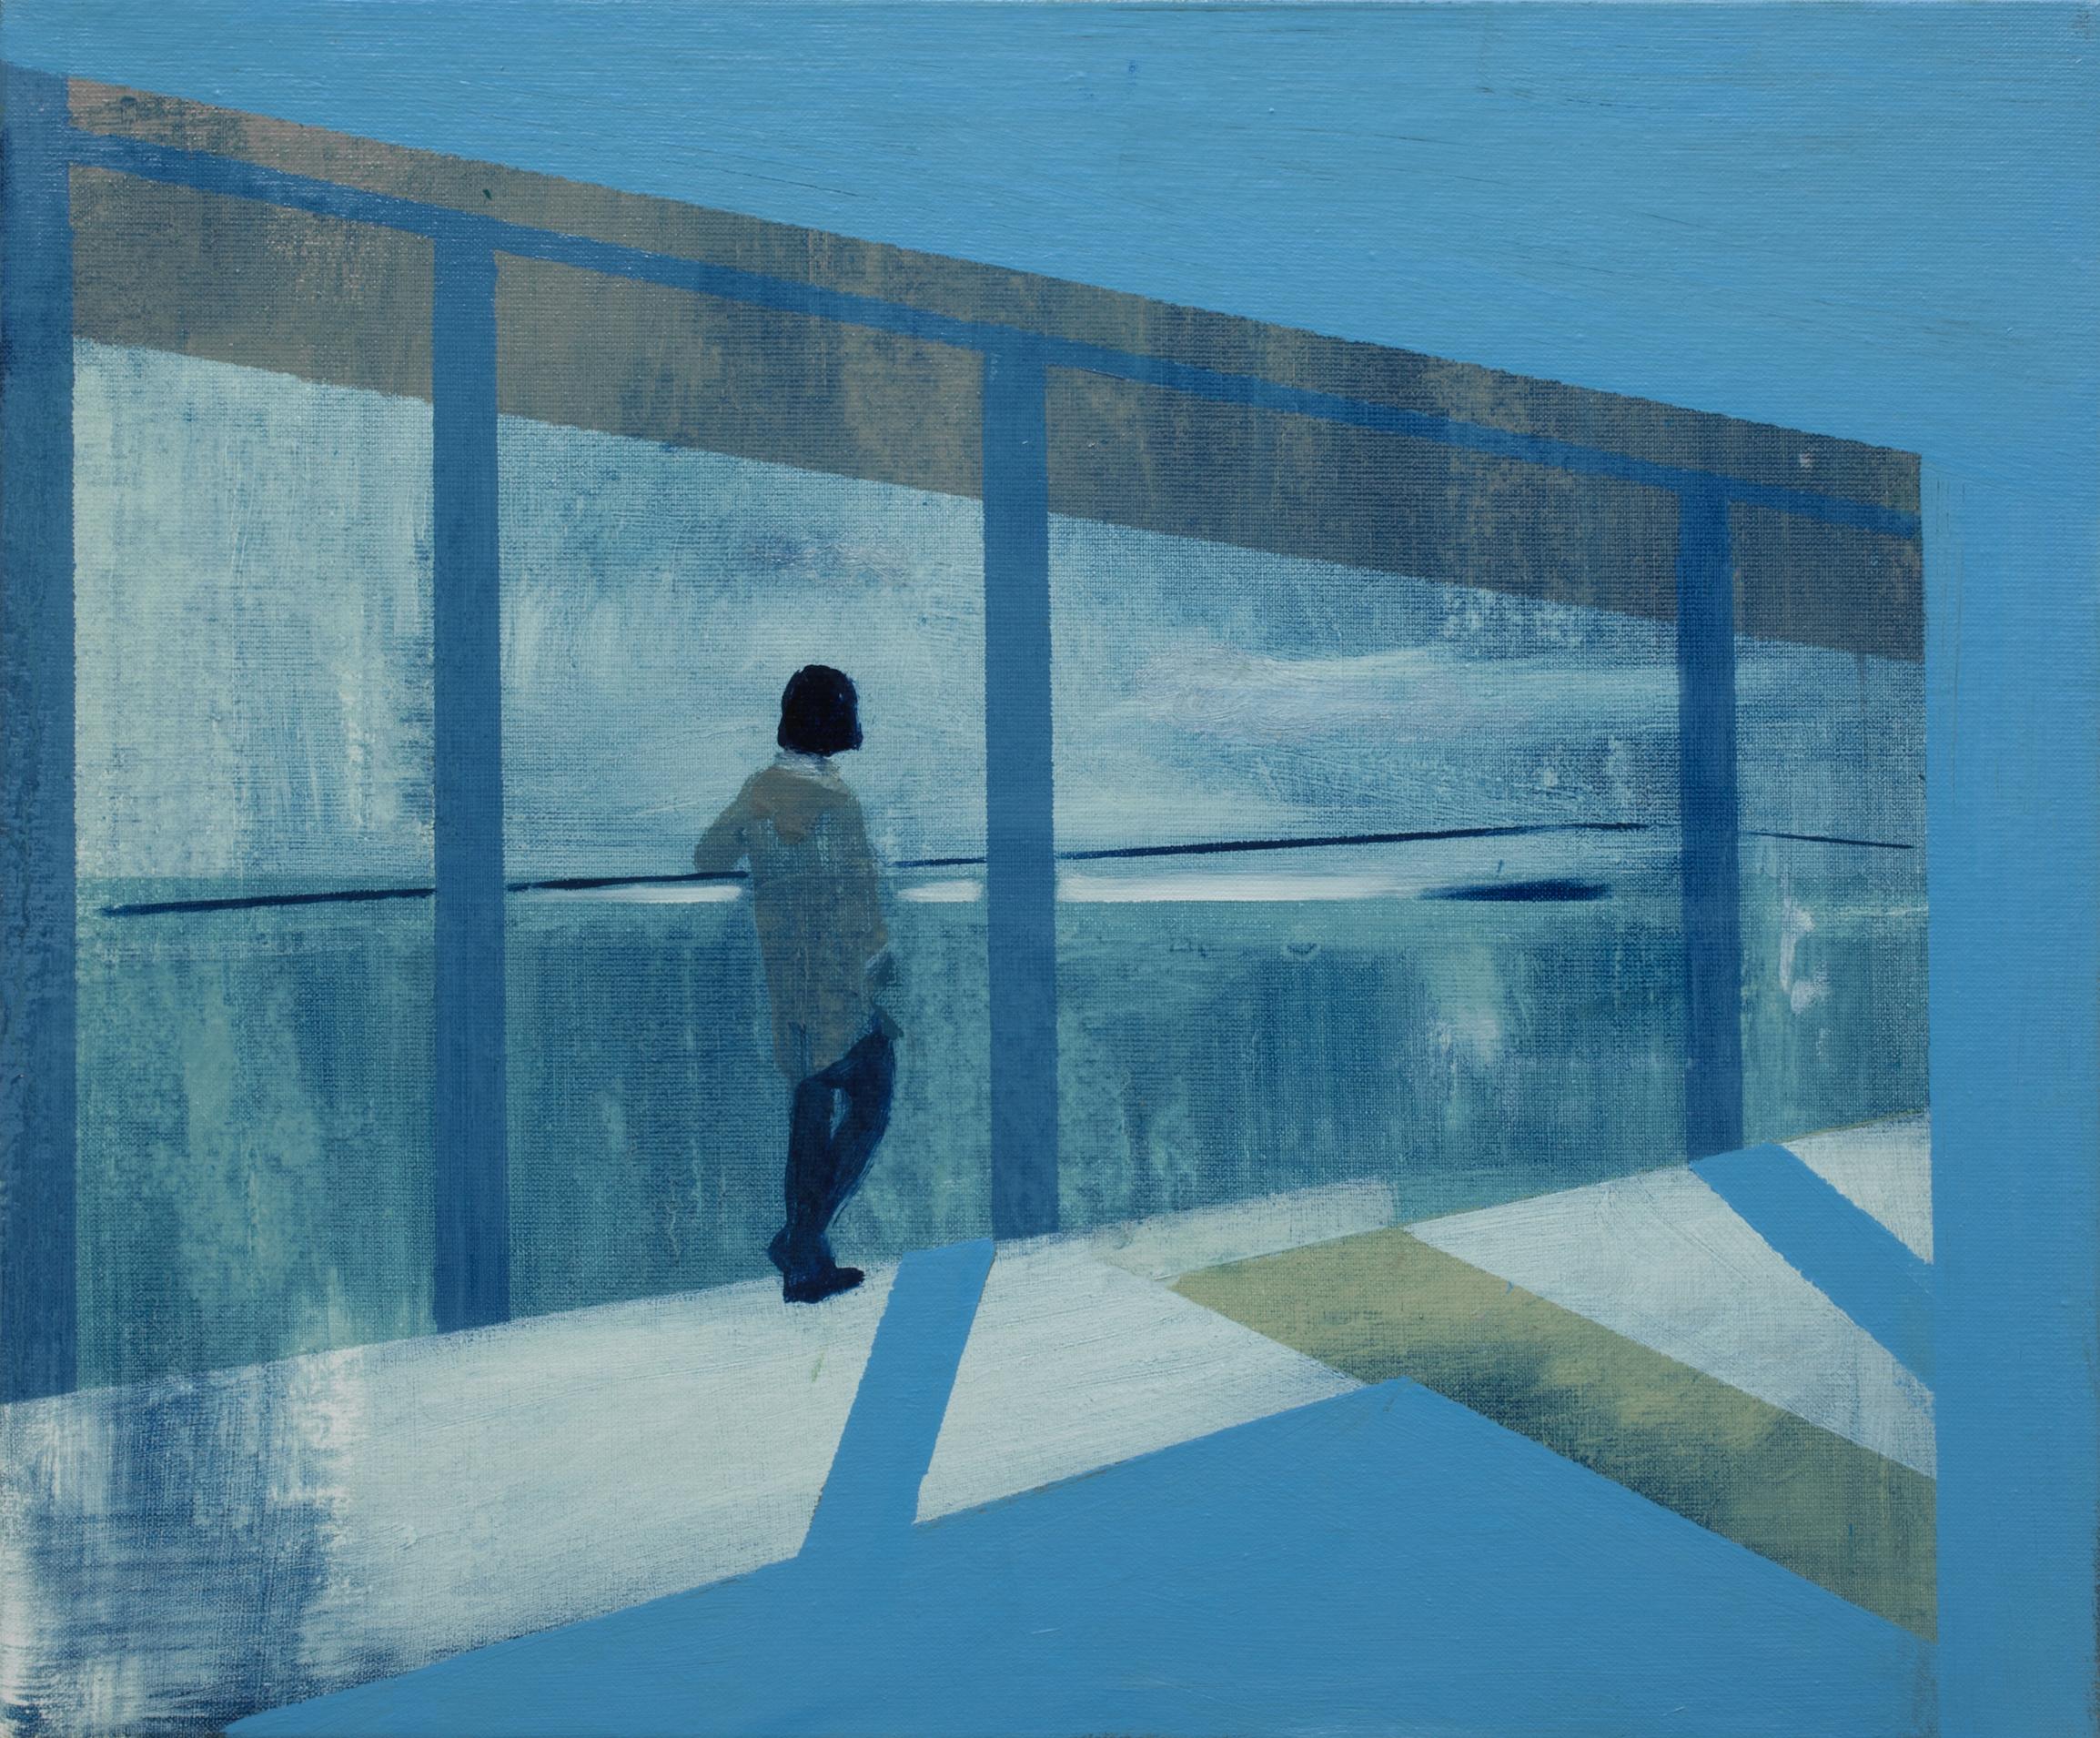 Kenneth Blom  Intruder II , 2019 Oil on canvas 19 7/10 x 23 3/5 inches (50 x 60 cm)